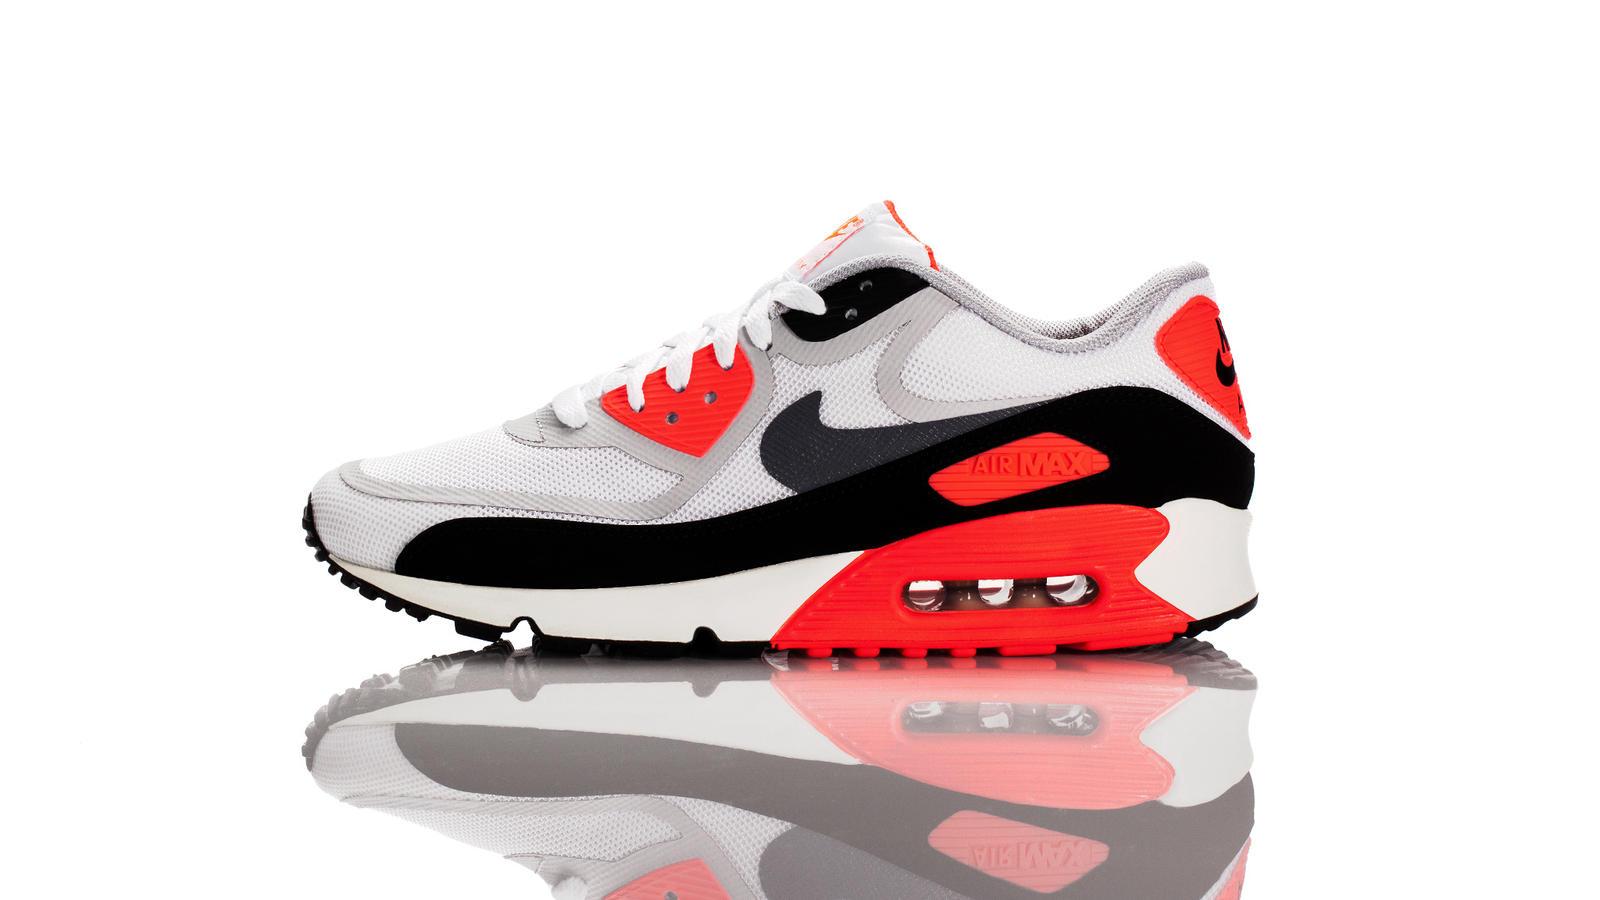 Nike Air Max Images Hd